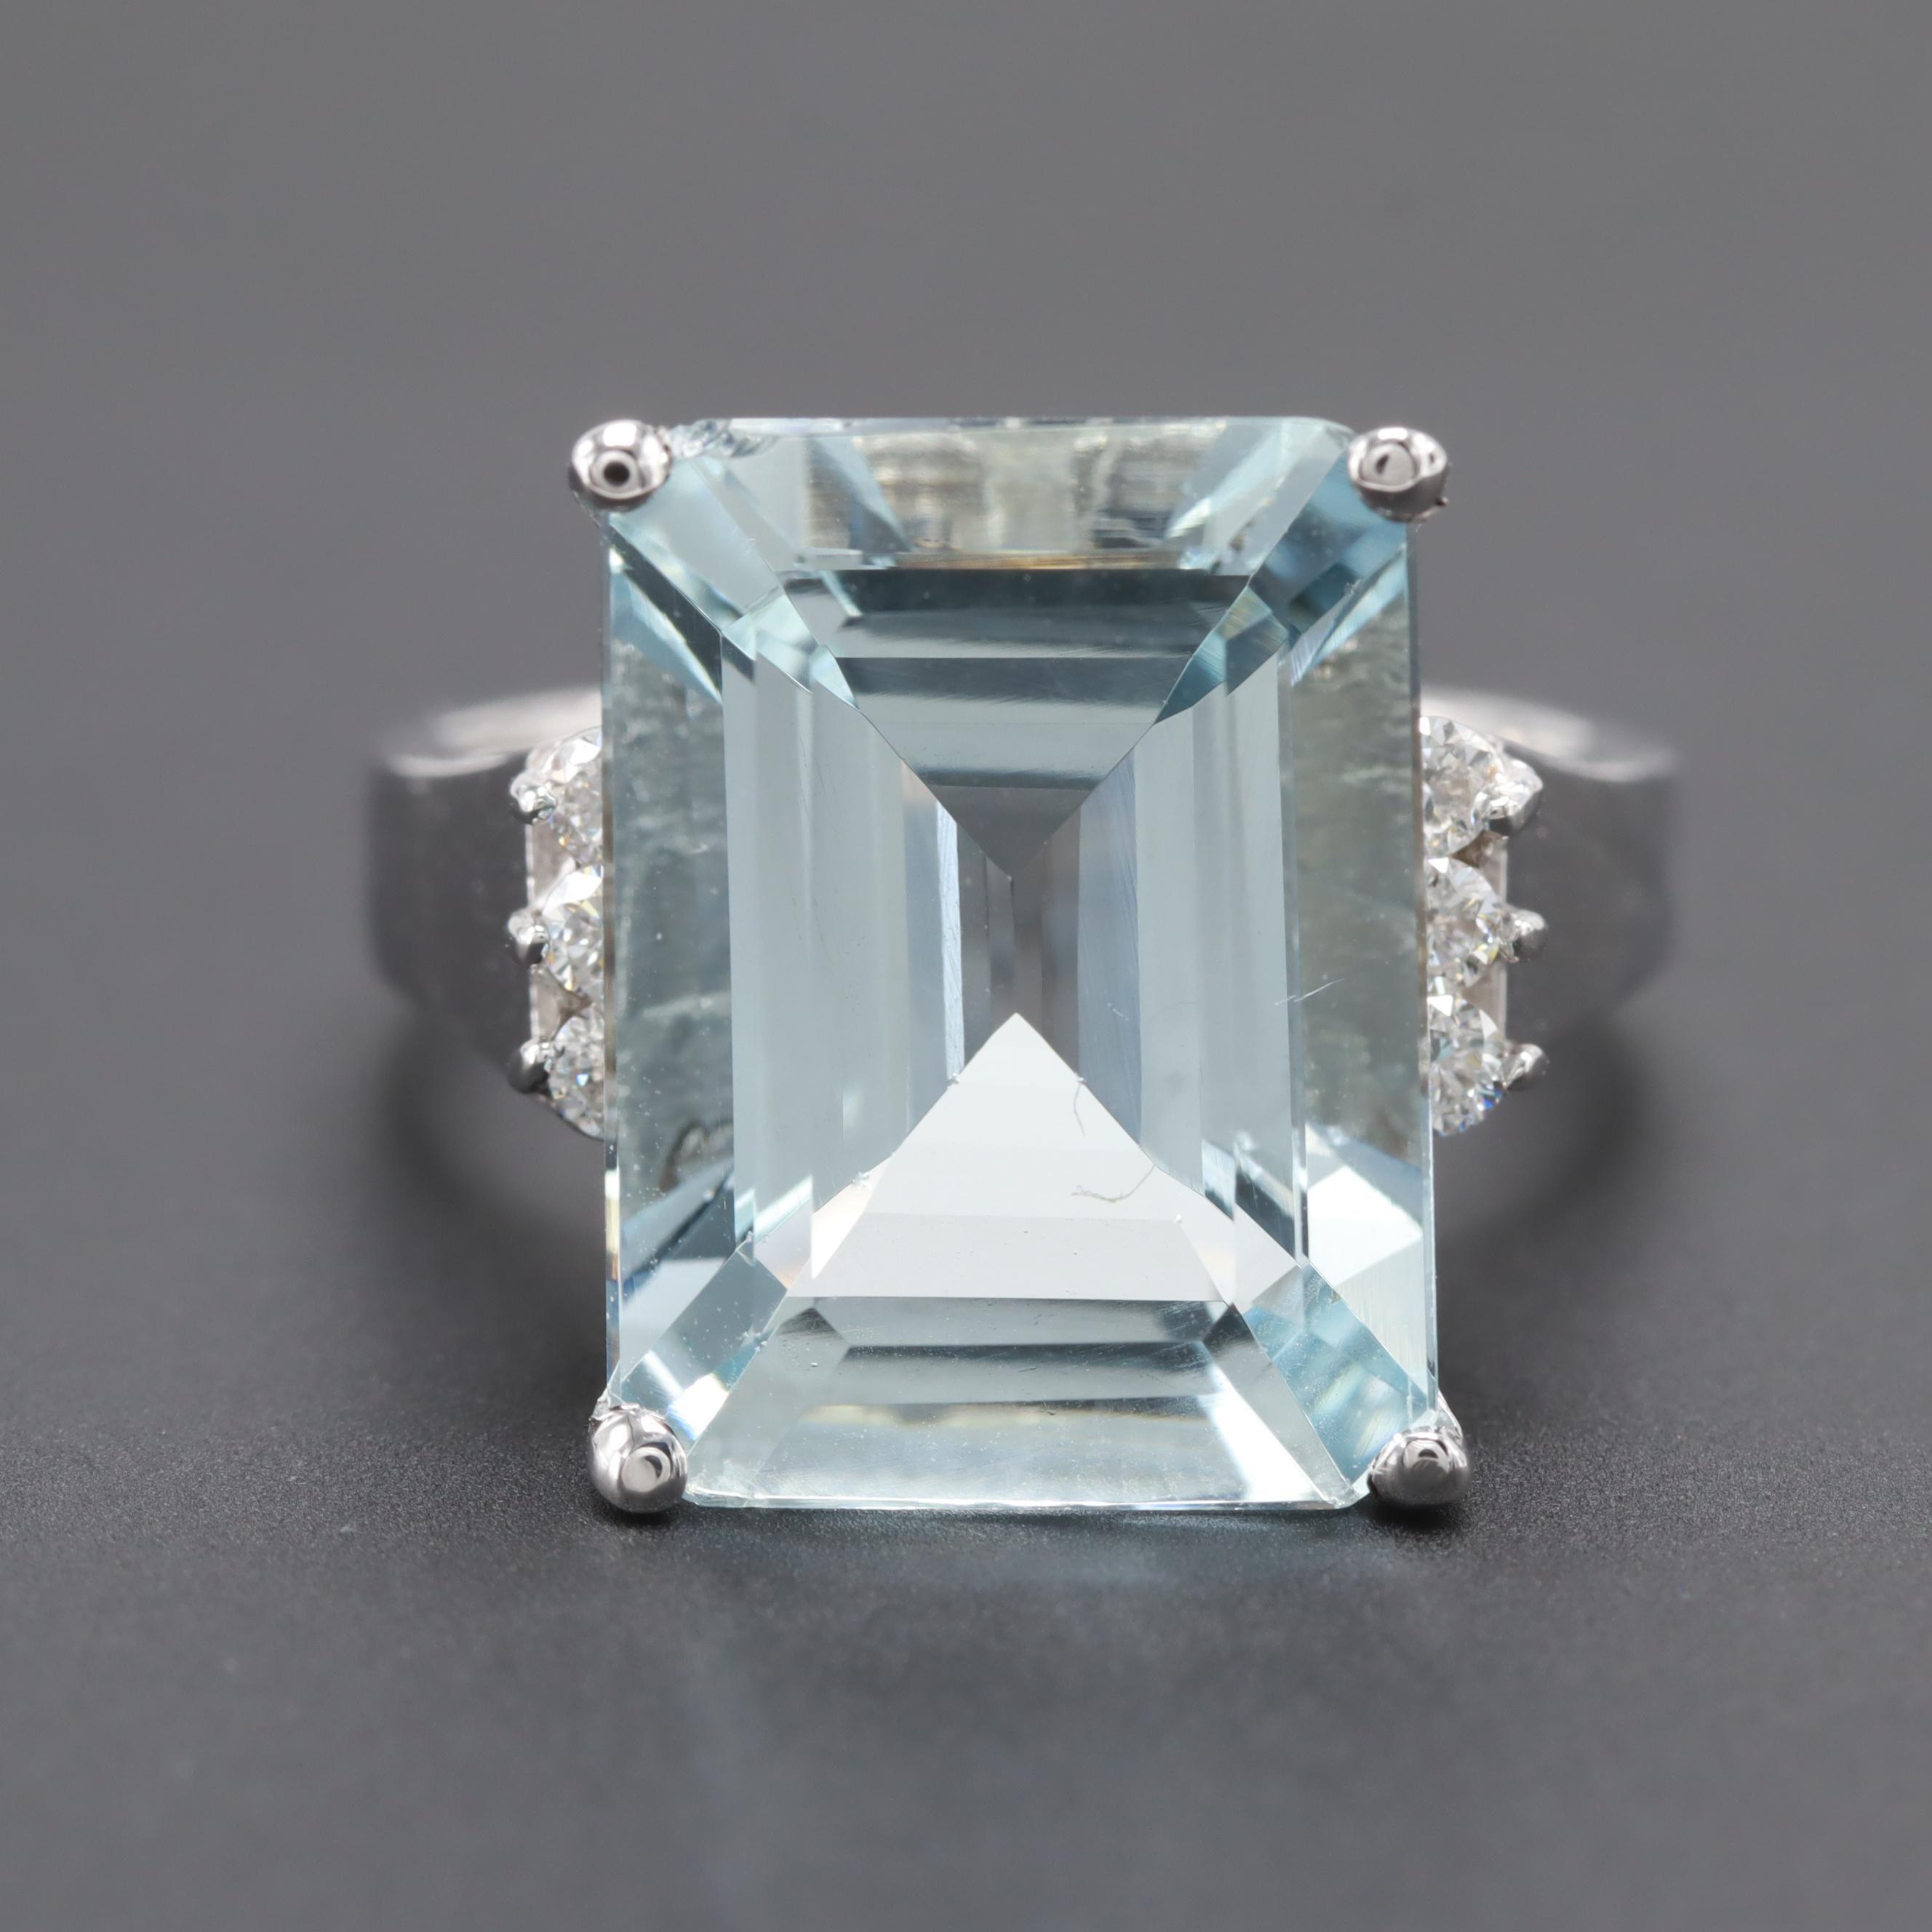 14K White Gold 9.49 CT Aquamarine and Diamond Ring